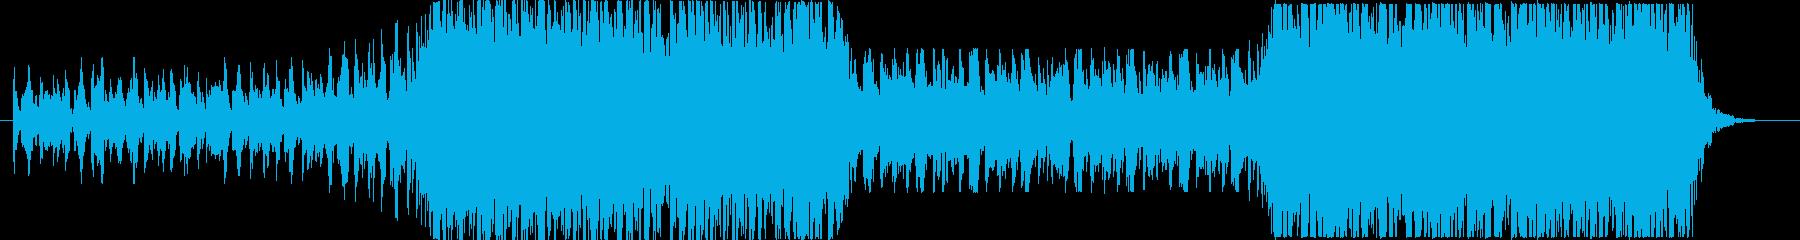 アニメ、BGMなど連想させるで壮大な曲の再生済みの波形